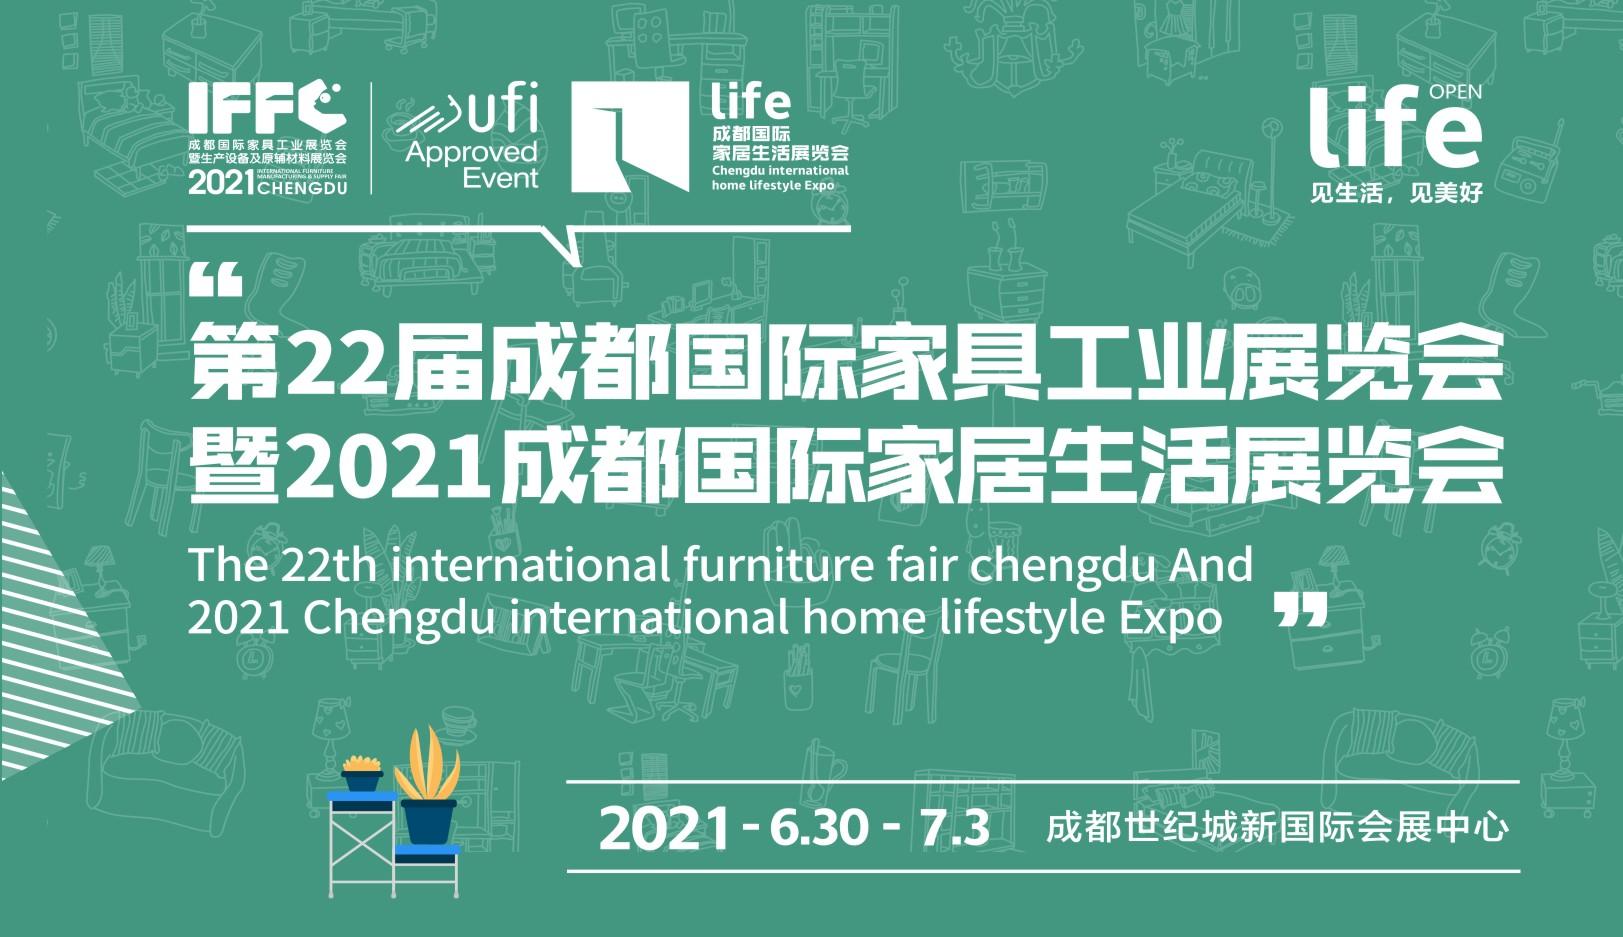 第22届成都国际家具工业展览会暨2021成都国际家居生活展览会